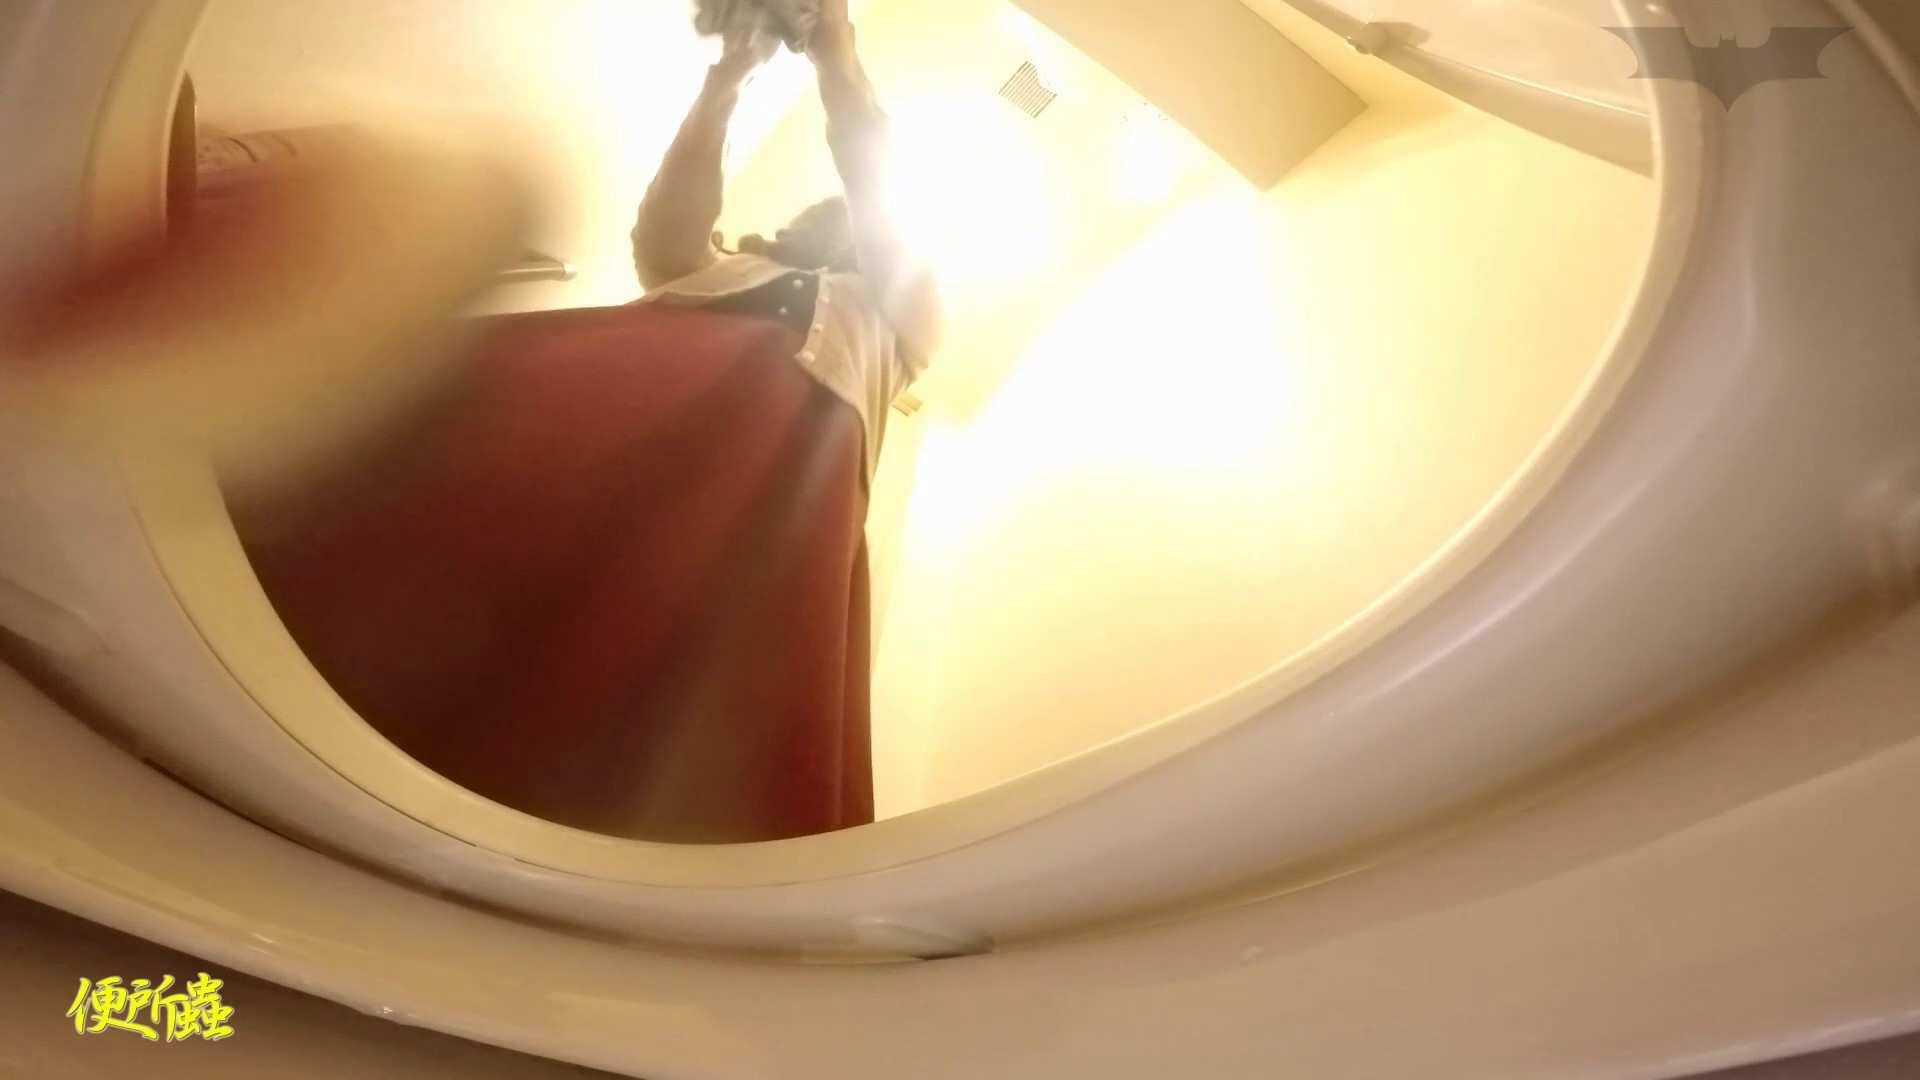 ▲2017_11位▲ うんこ亀ぶっかけ9名登場【洗面所盗撮】vol.20 OLのボディ SEX無修正画像 76PIX 13